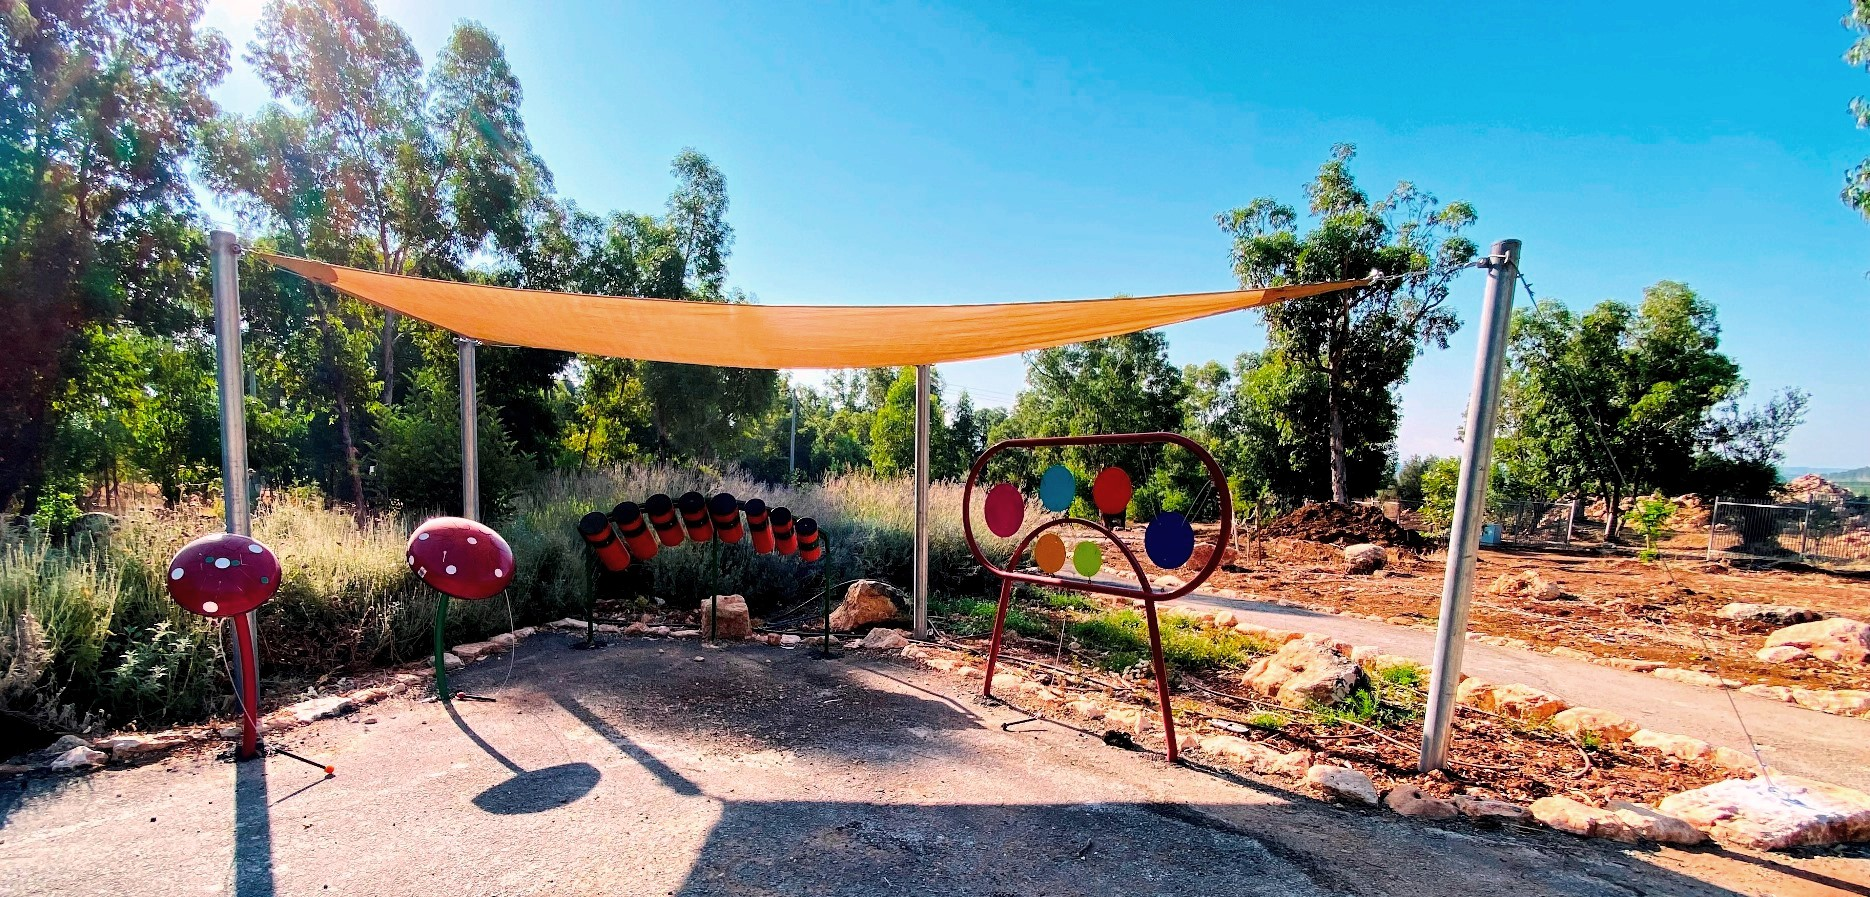 פארק נחל קדש מונגש לילדים ואוכלוסיות עם צרכים מיוחדים